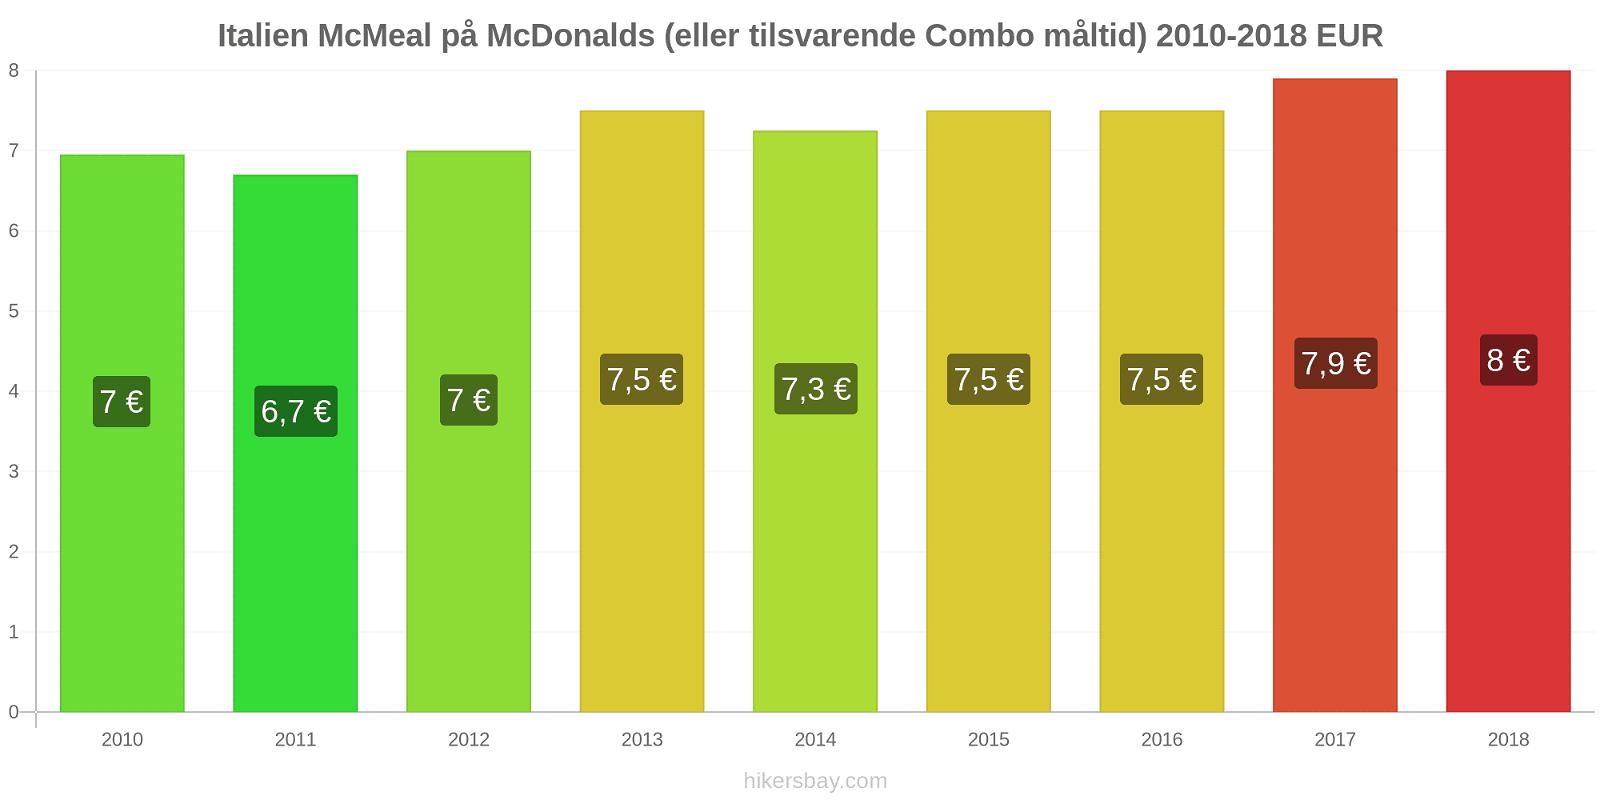 Italien prisændringer McMeal på McDonalds (eller tilsvarende Combo måltid) hikersbay.com